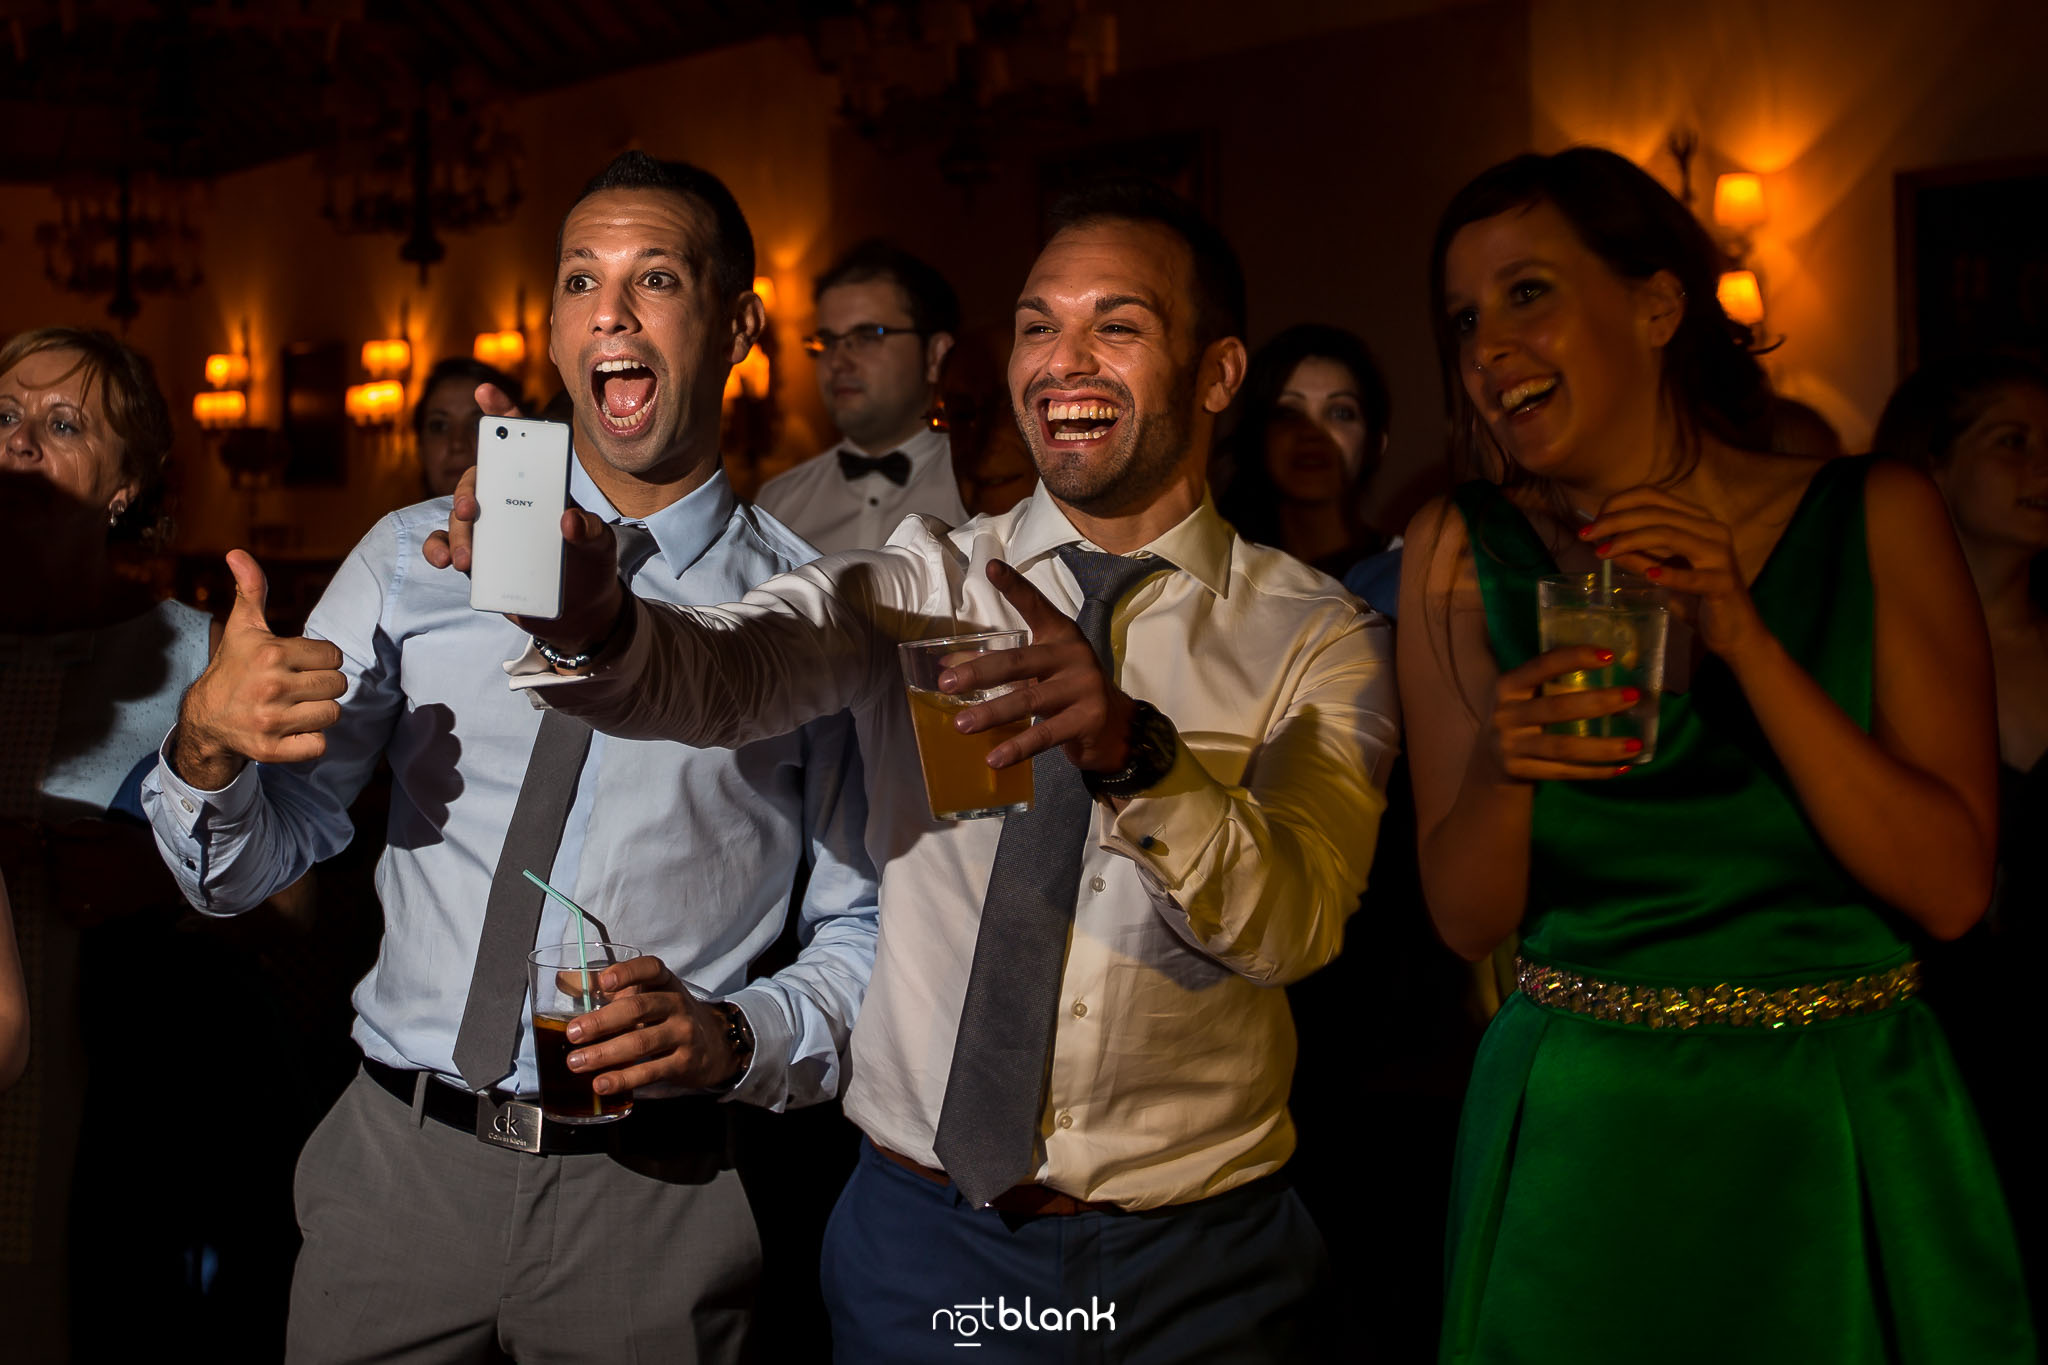 notblank-boda-Fotógrafos-de-boda-Parador Baiona-Bayona-Invitados-Sonrisa-Emoción-Copas-Fiesta-Baile-Teléfono móvil-Cámara